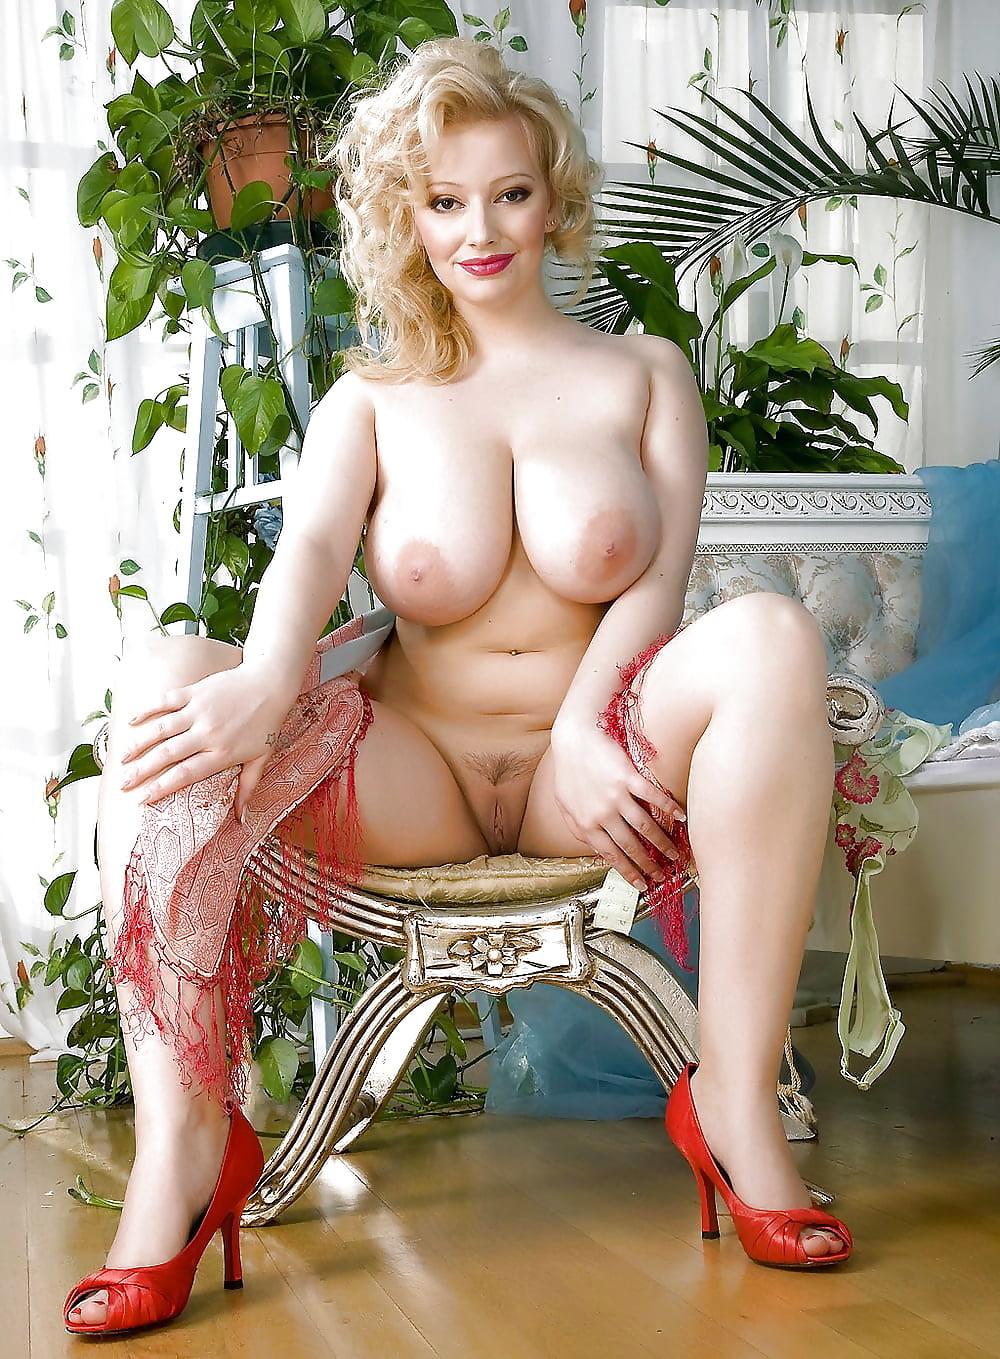 Алиса признякова фото голой порно фейки, мужчина облизывает сиси